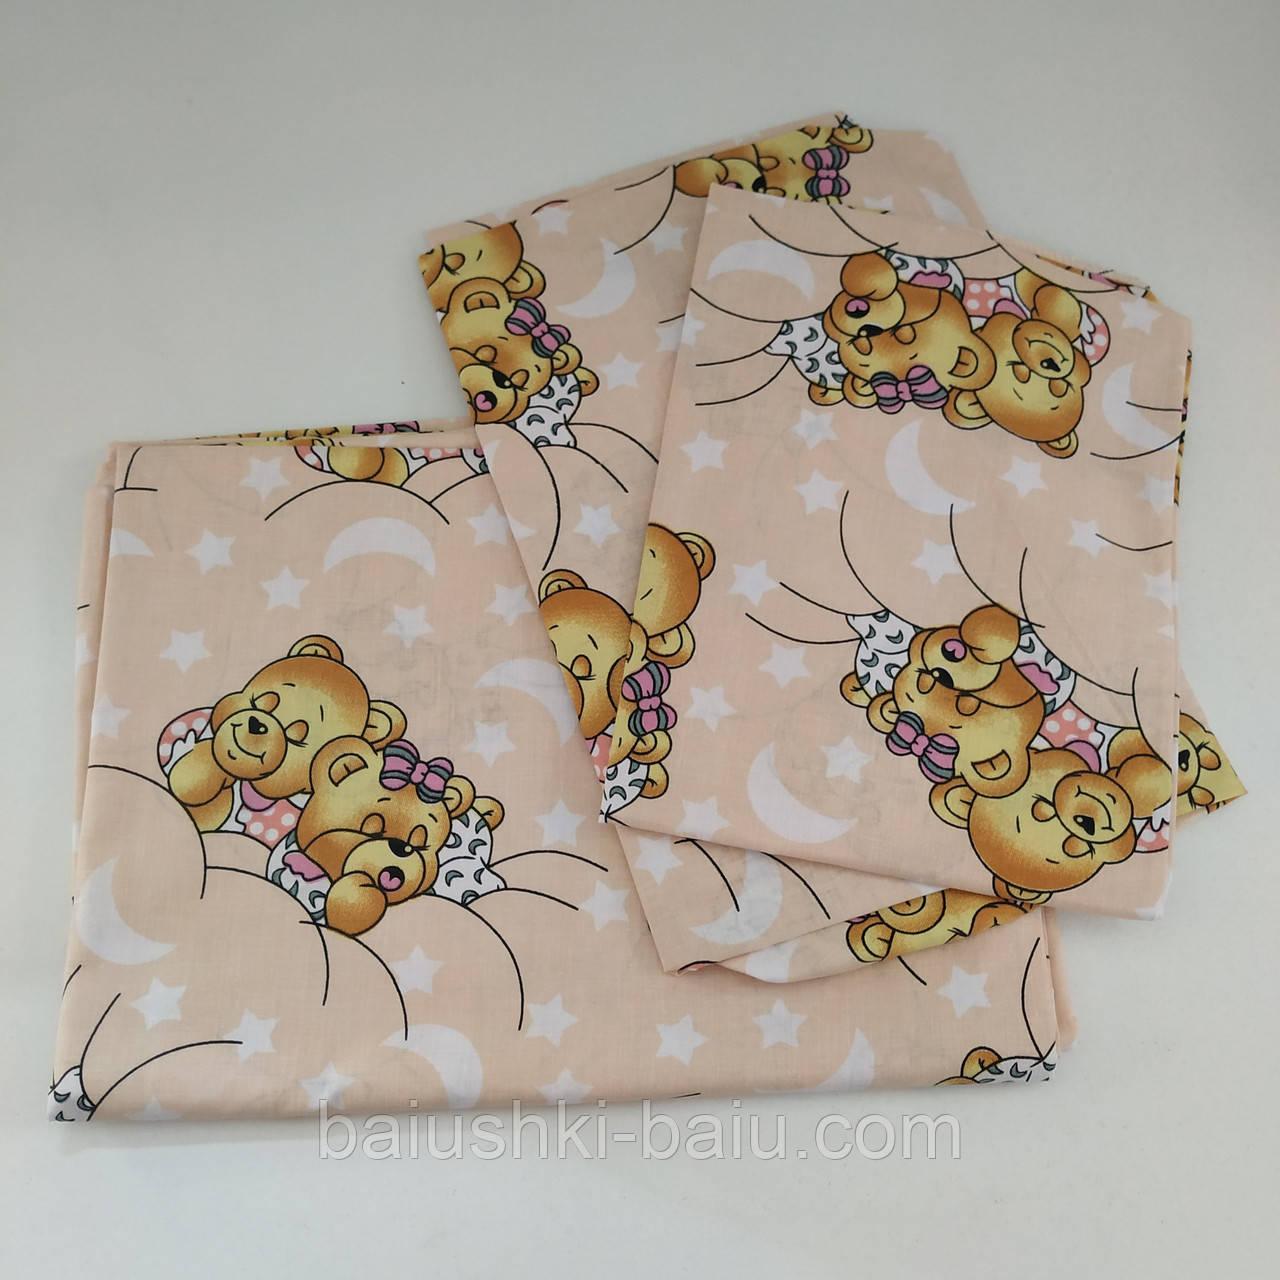 Сменное постельное белье в кроватку для ребенка 2-4 лет